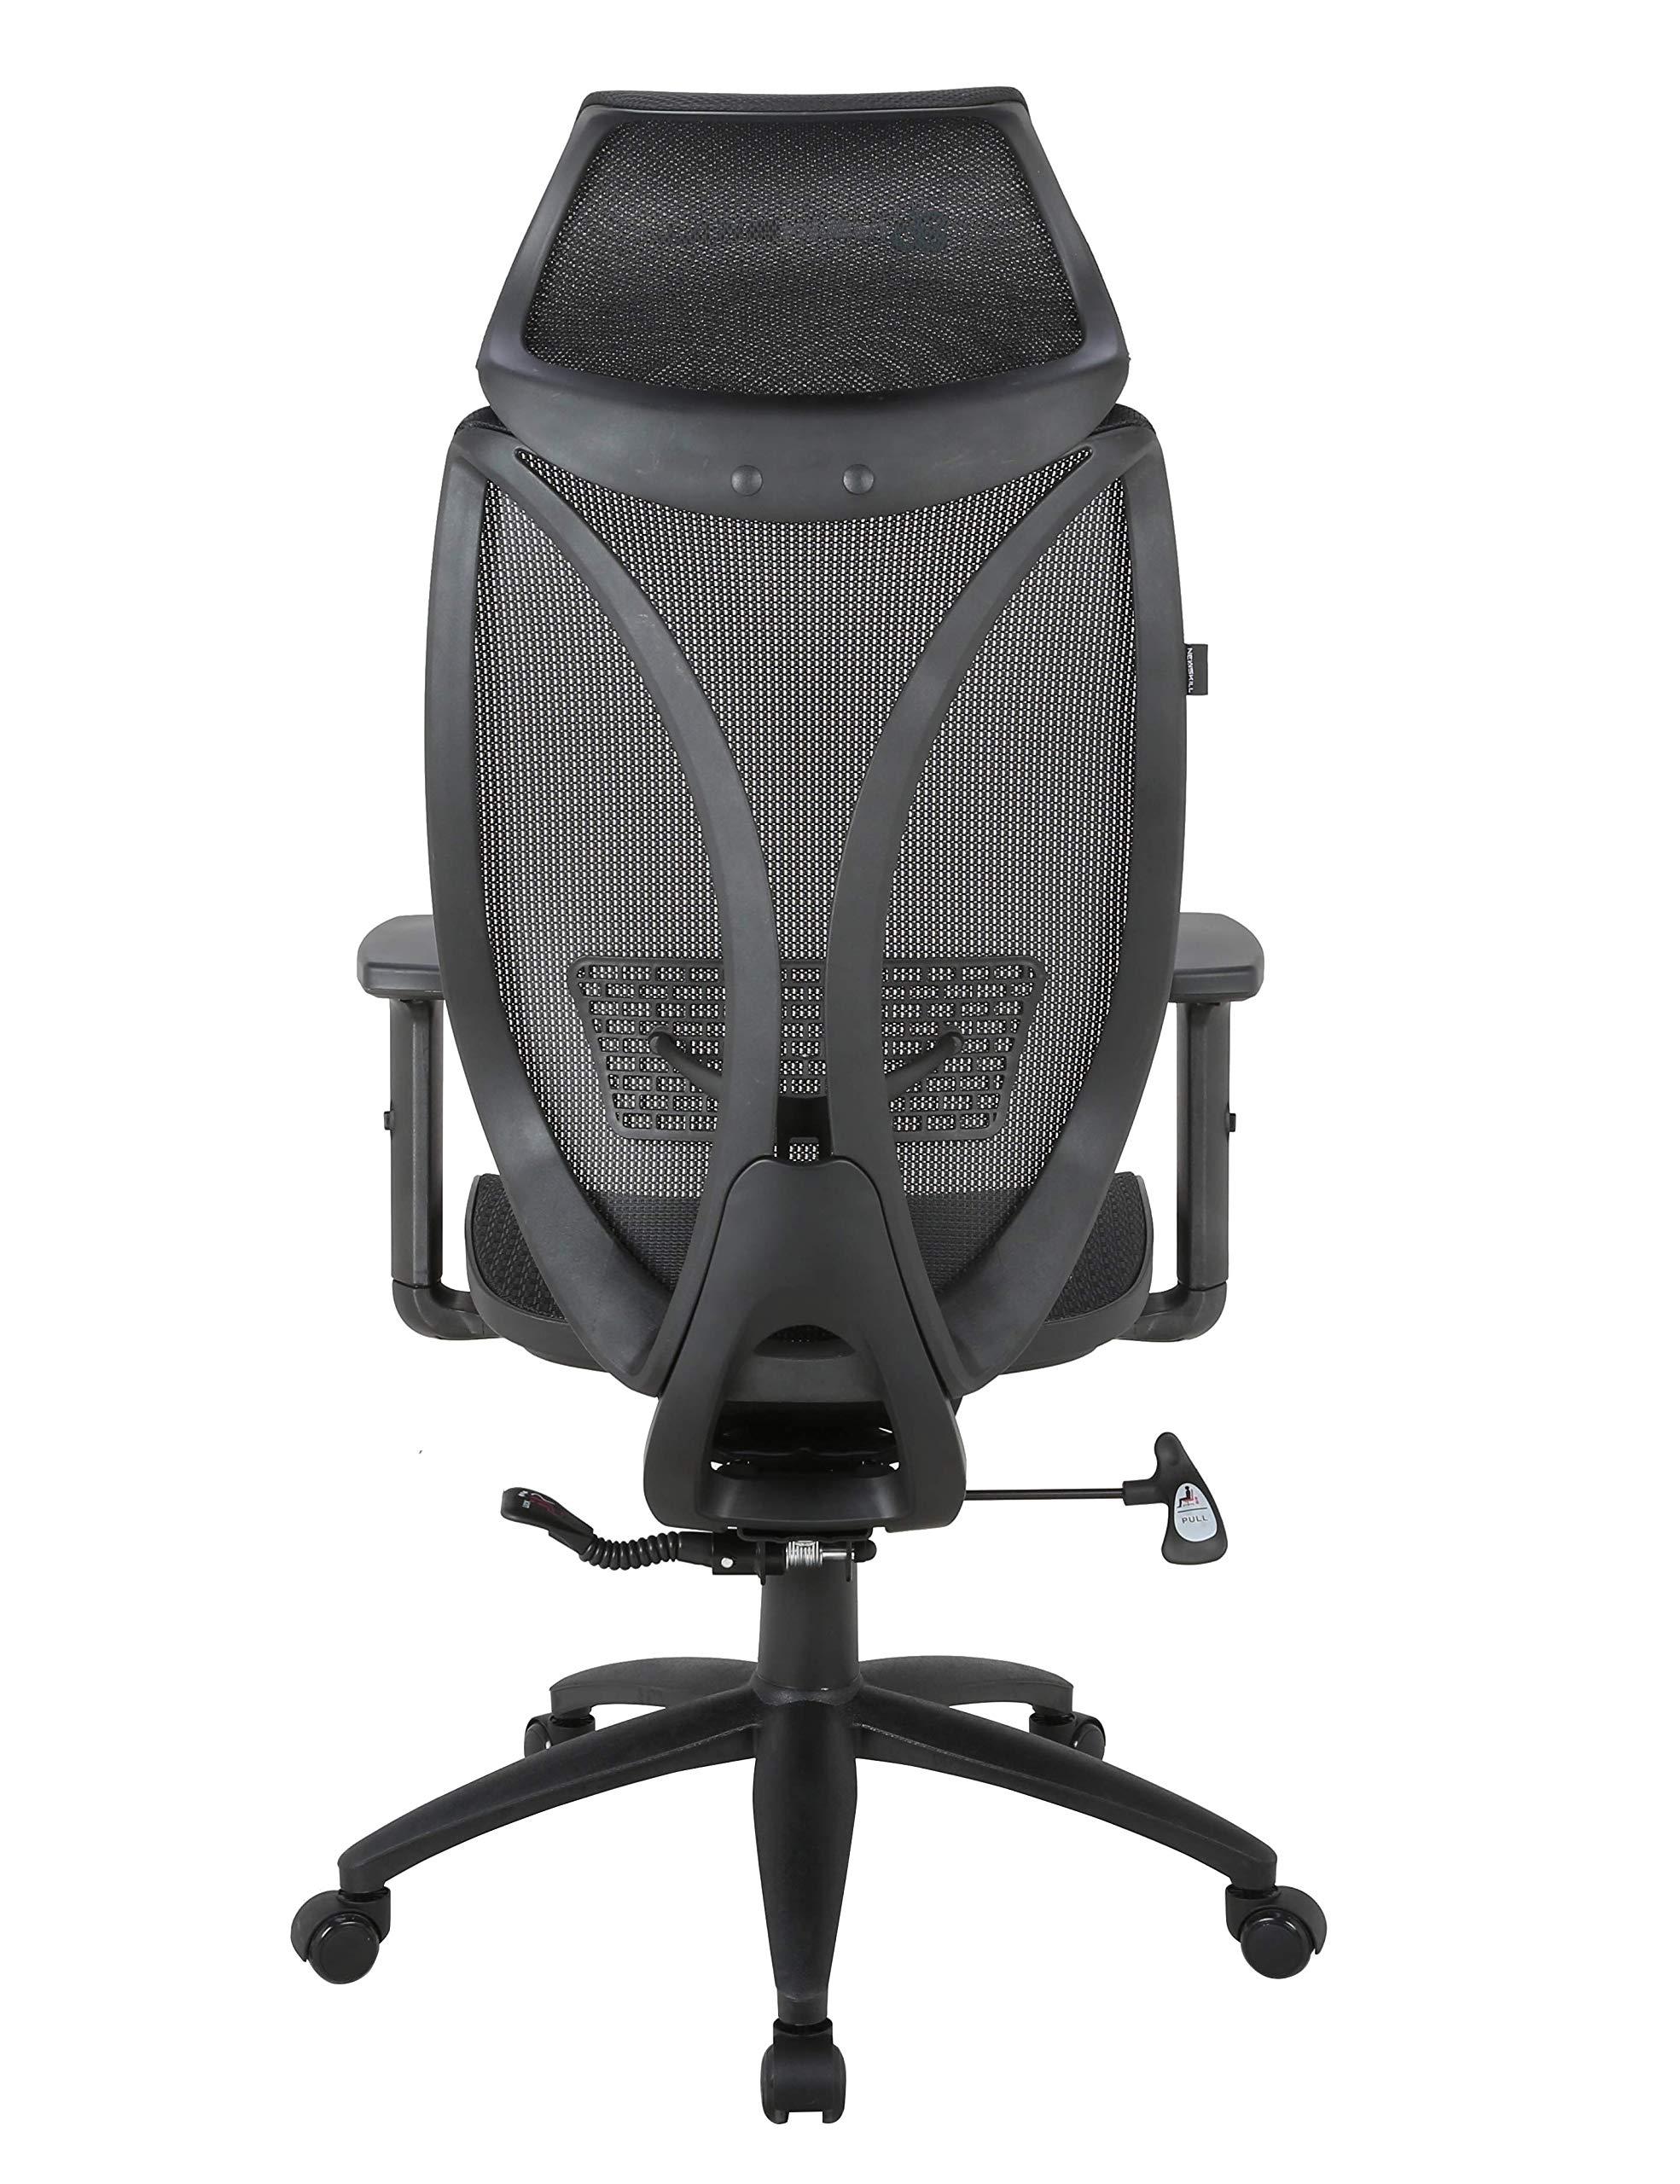 Newskill Aryon – Silla Gaming de Oficina Fabricada en Material mallado (reposacabezas e inclinación de la Espalda Ajustable, reposabrazos Ajustables en Altura) de Color Negro